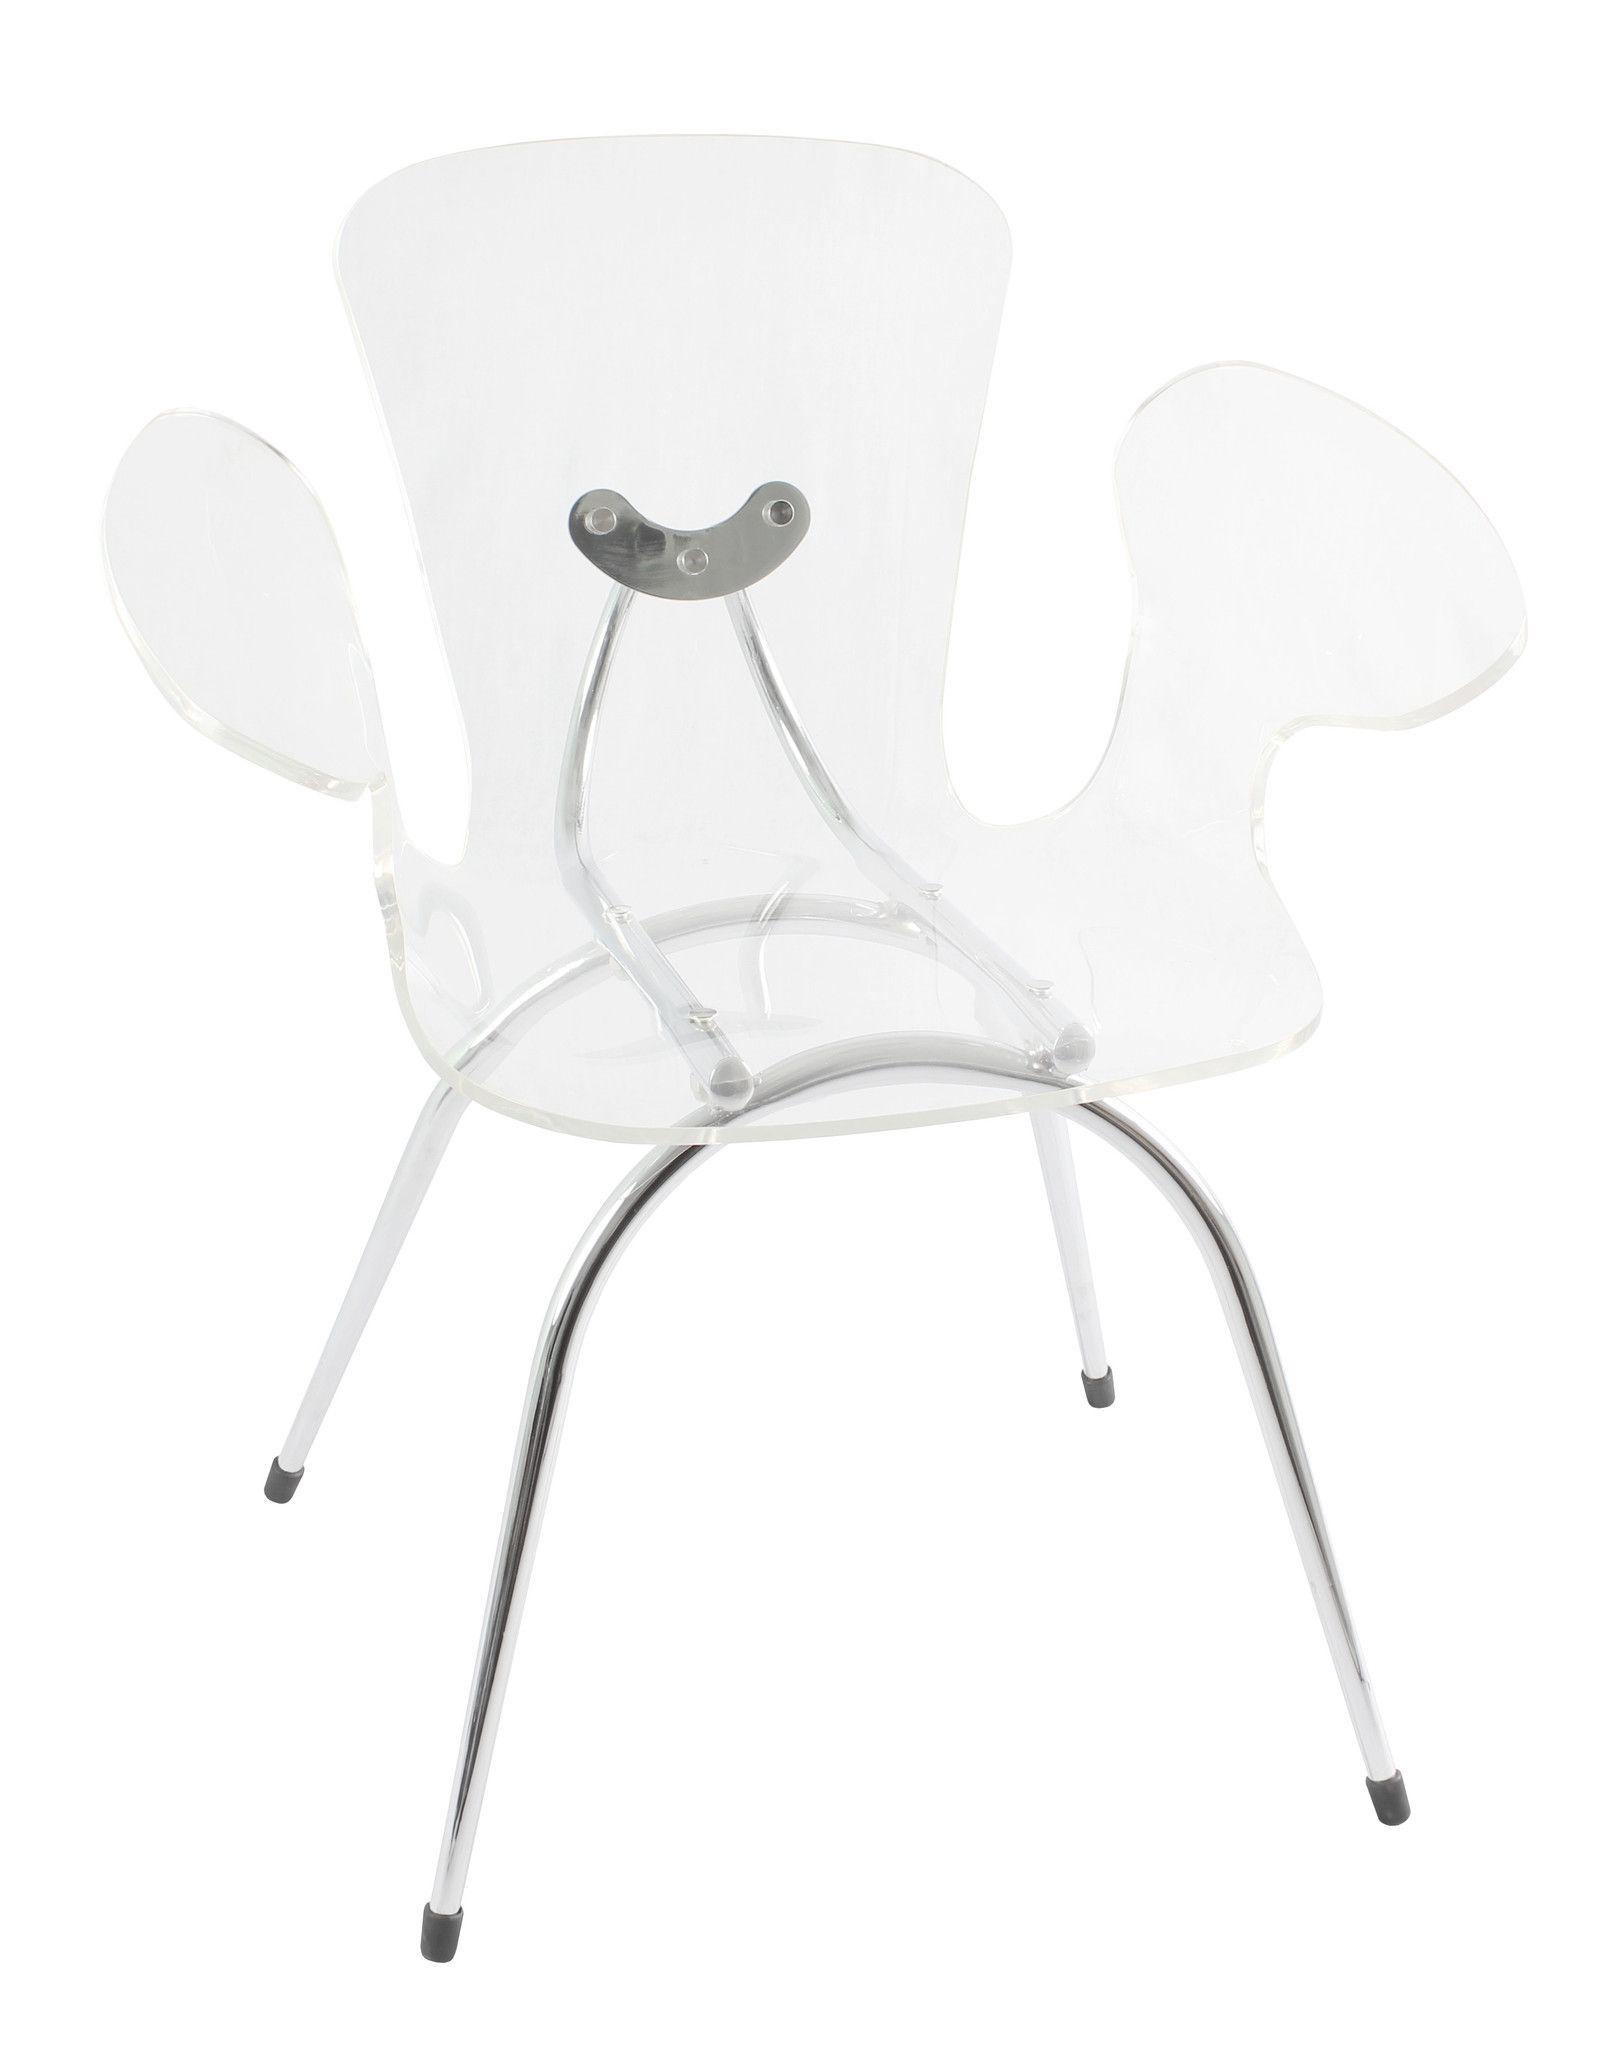 Transparent Arm Chair | Home, Decoration, Dream house... | Pinterest